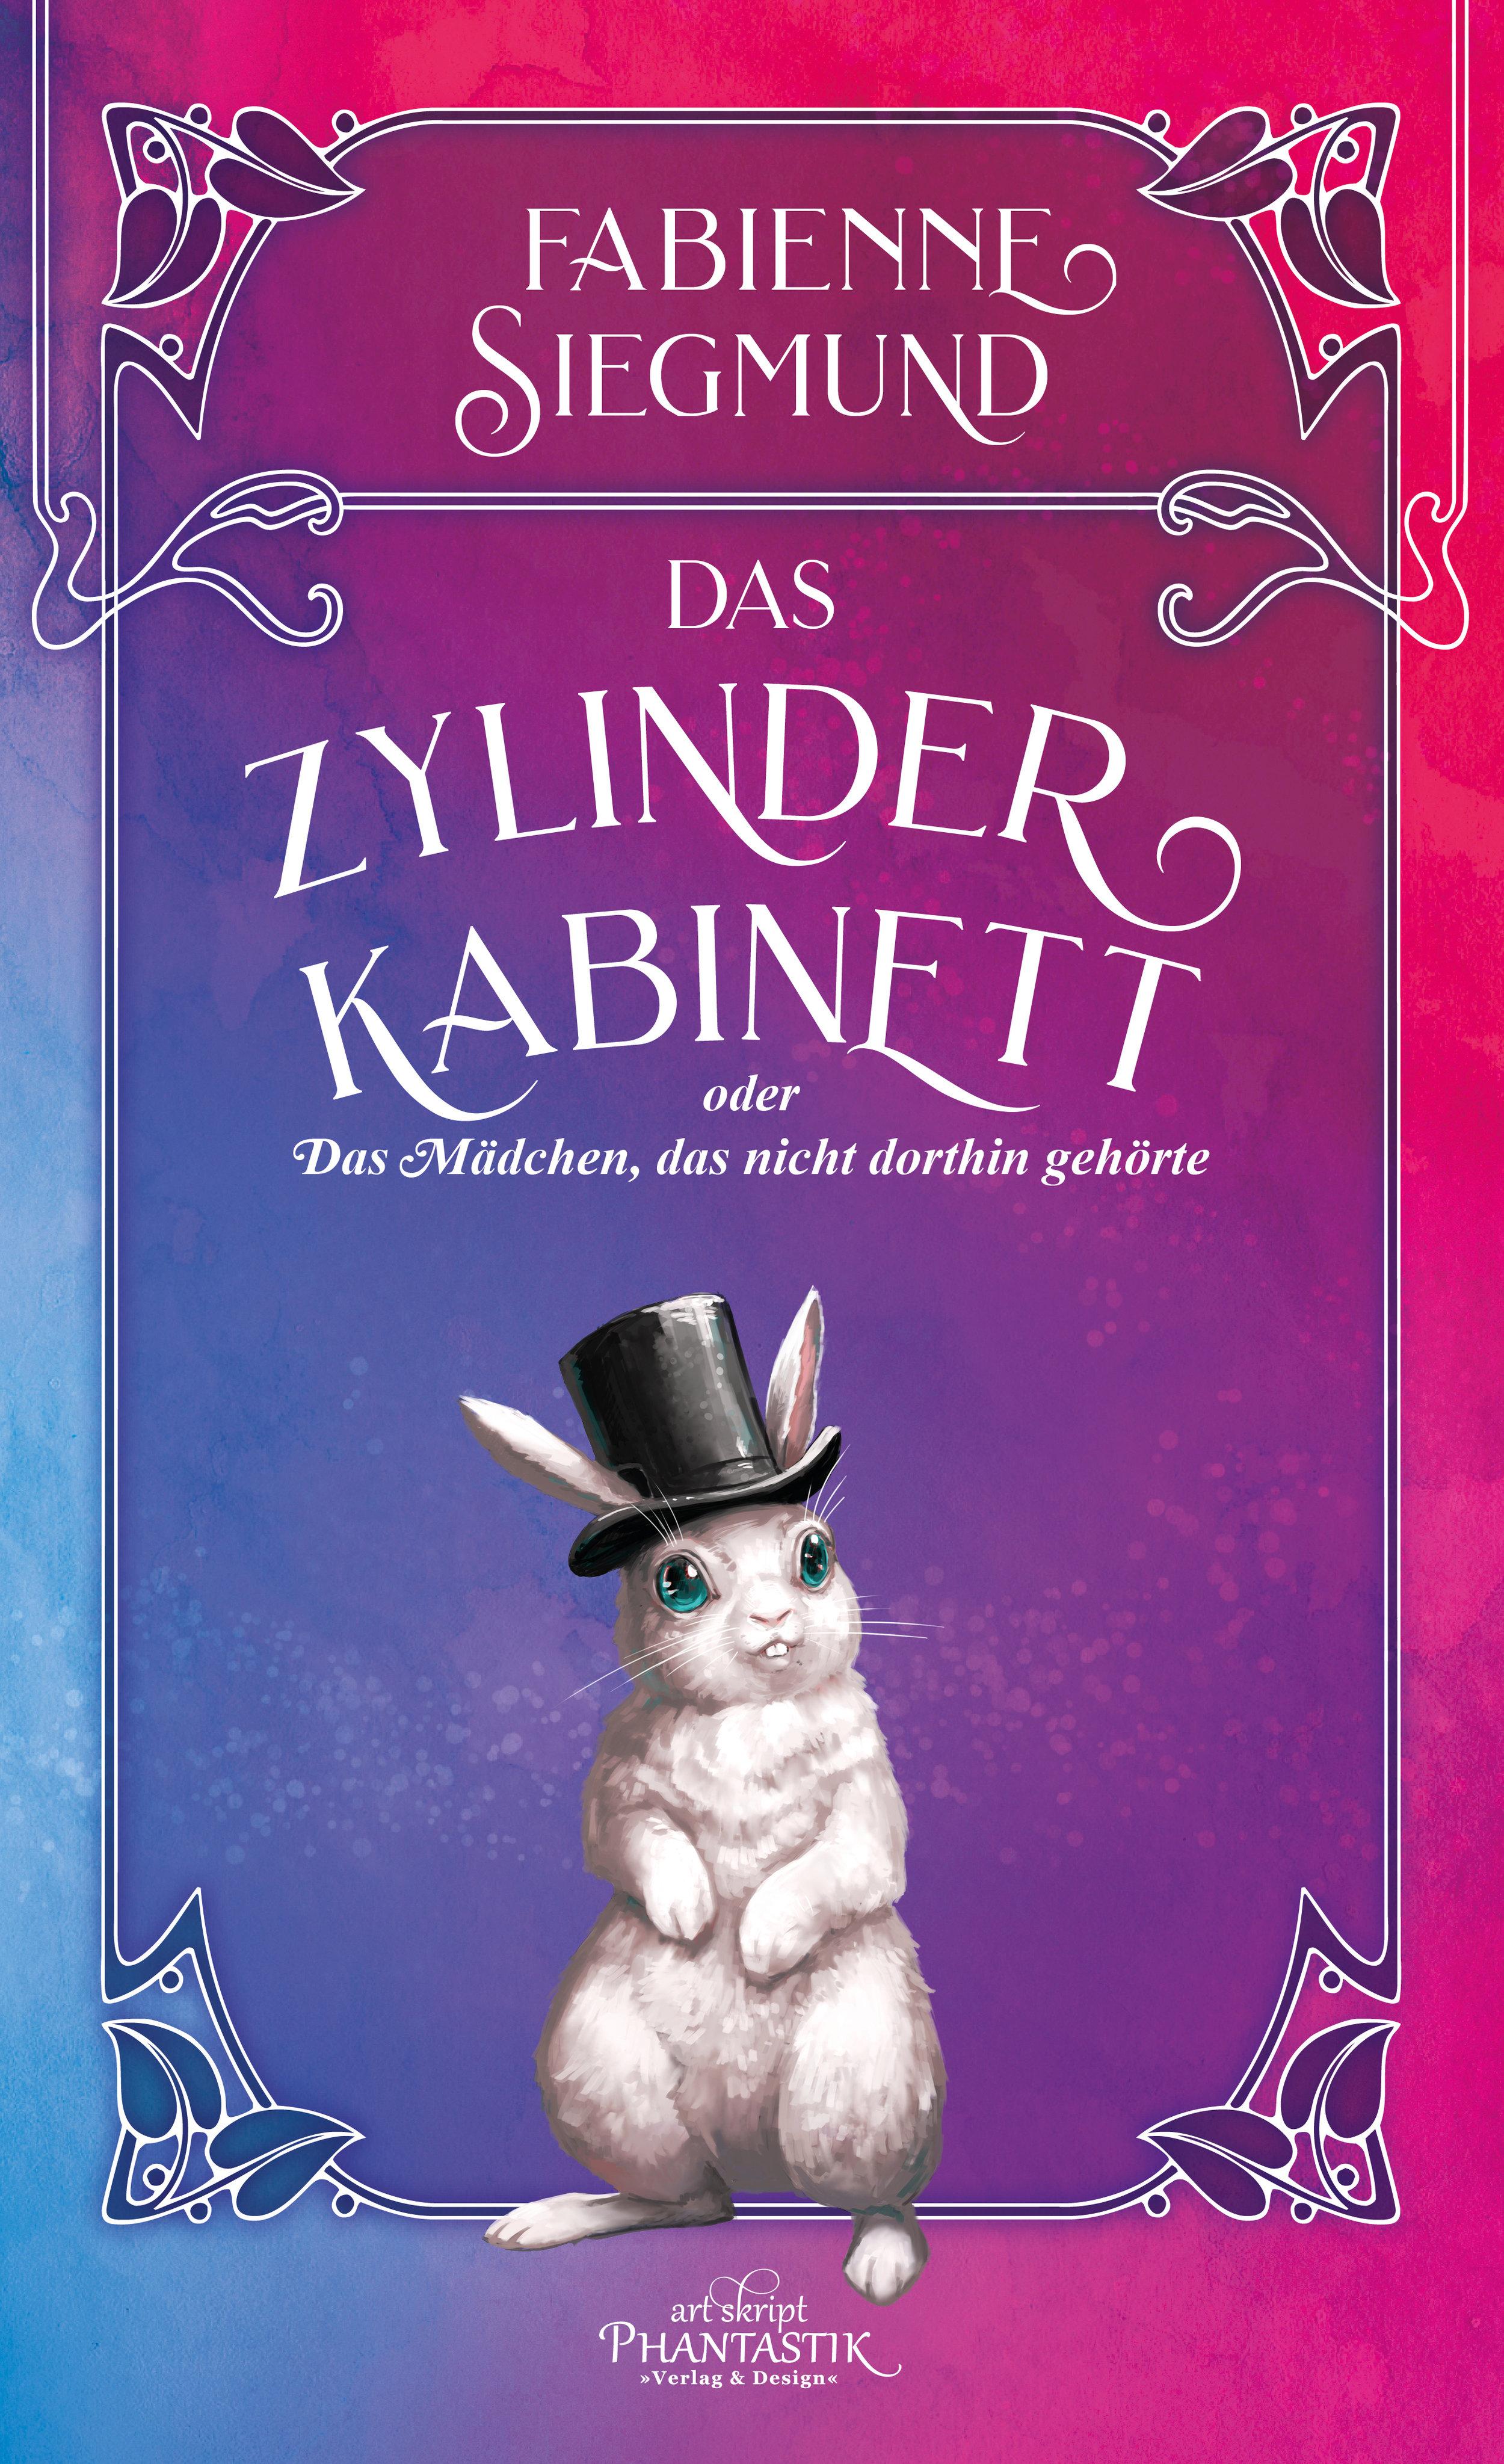 Siegmund_Fabienne_Das_Zylinderkabinett_phantastik-autoren-netzwerk.jpg